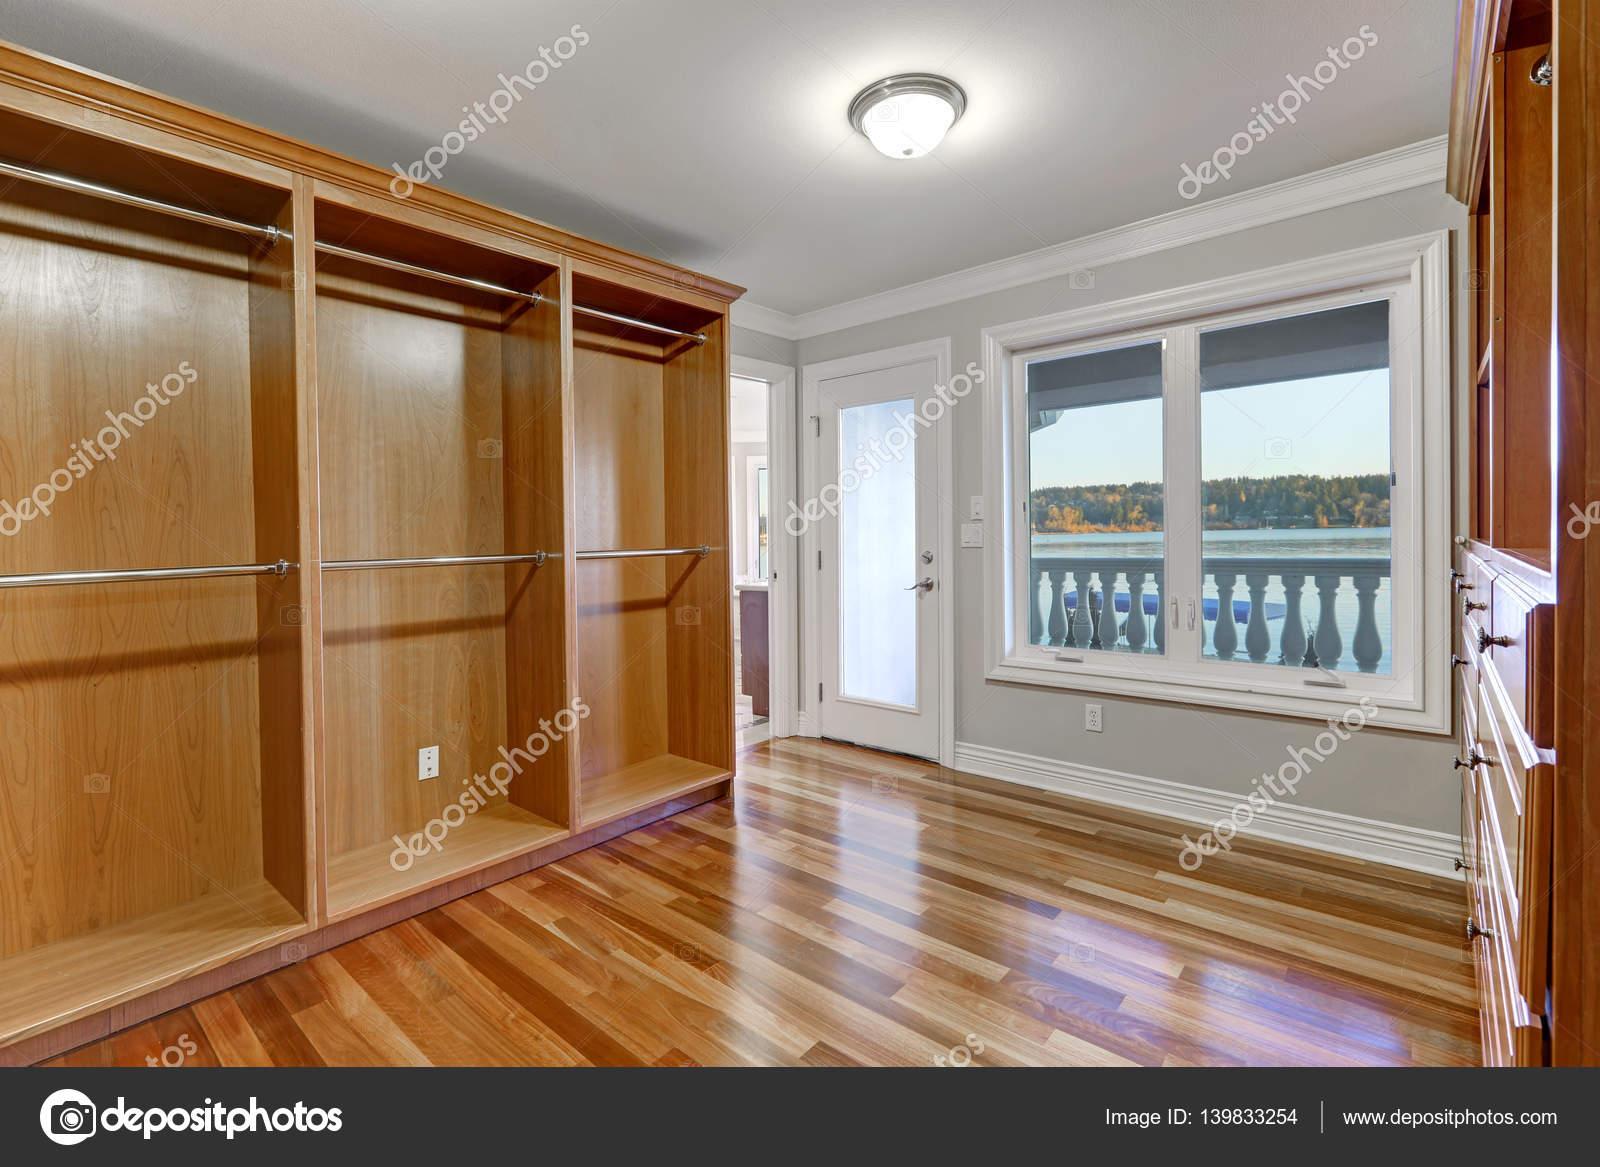 Vloer Voor Balkon : Lege inloopkast met hardhouten vloer en deur naar balkon